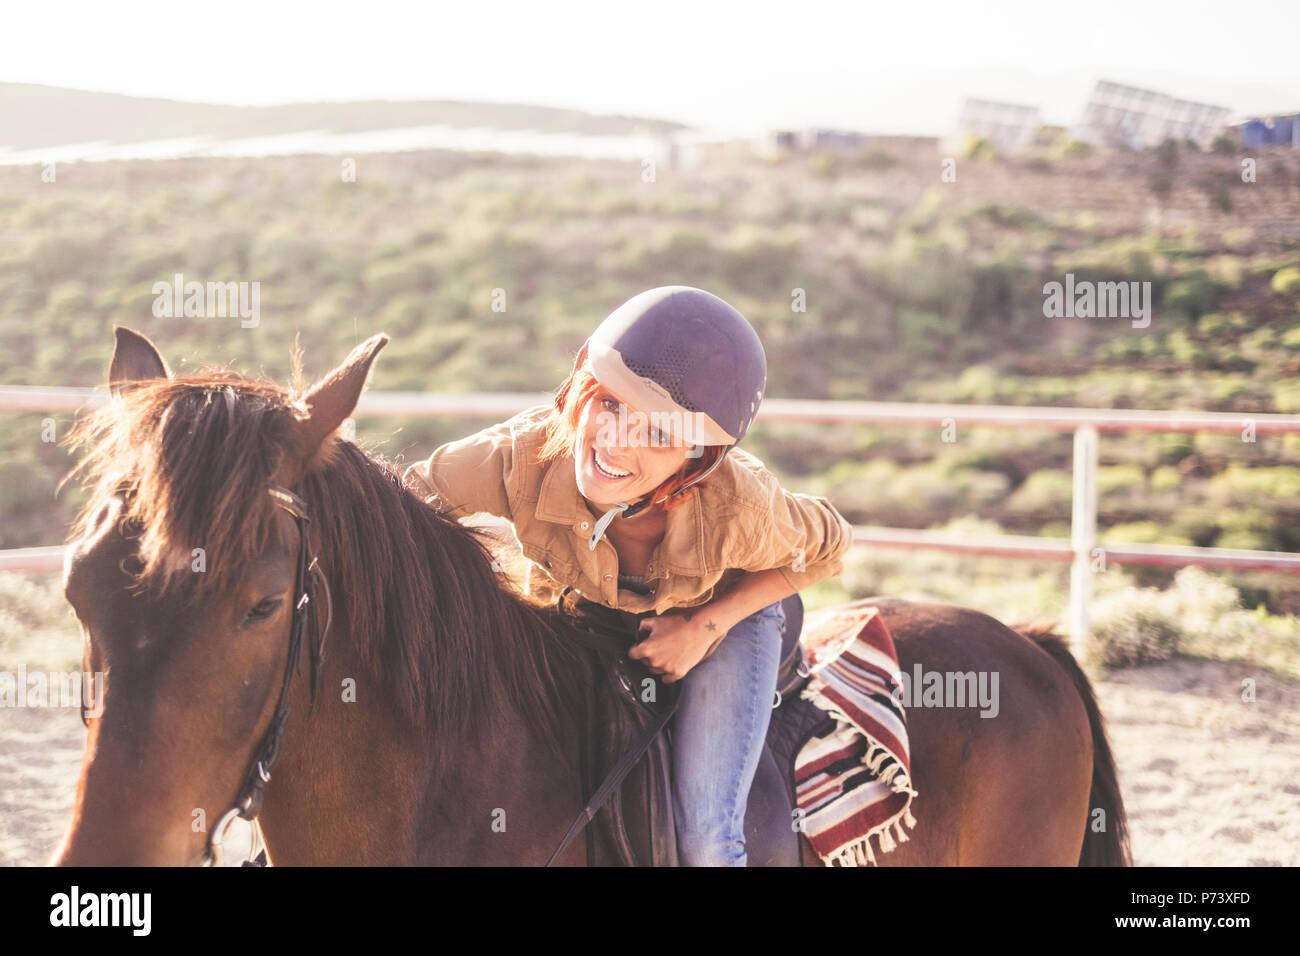 Fahrt mit einem Helm für eine schöne attraktive junge Frau mit schönen Lächeln. Jeans und Freizeitkleidung für Mädchen in der Freizeit mit braunen h Stockbild